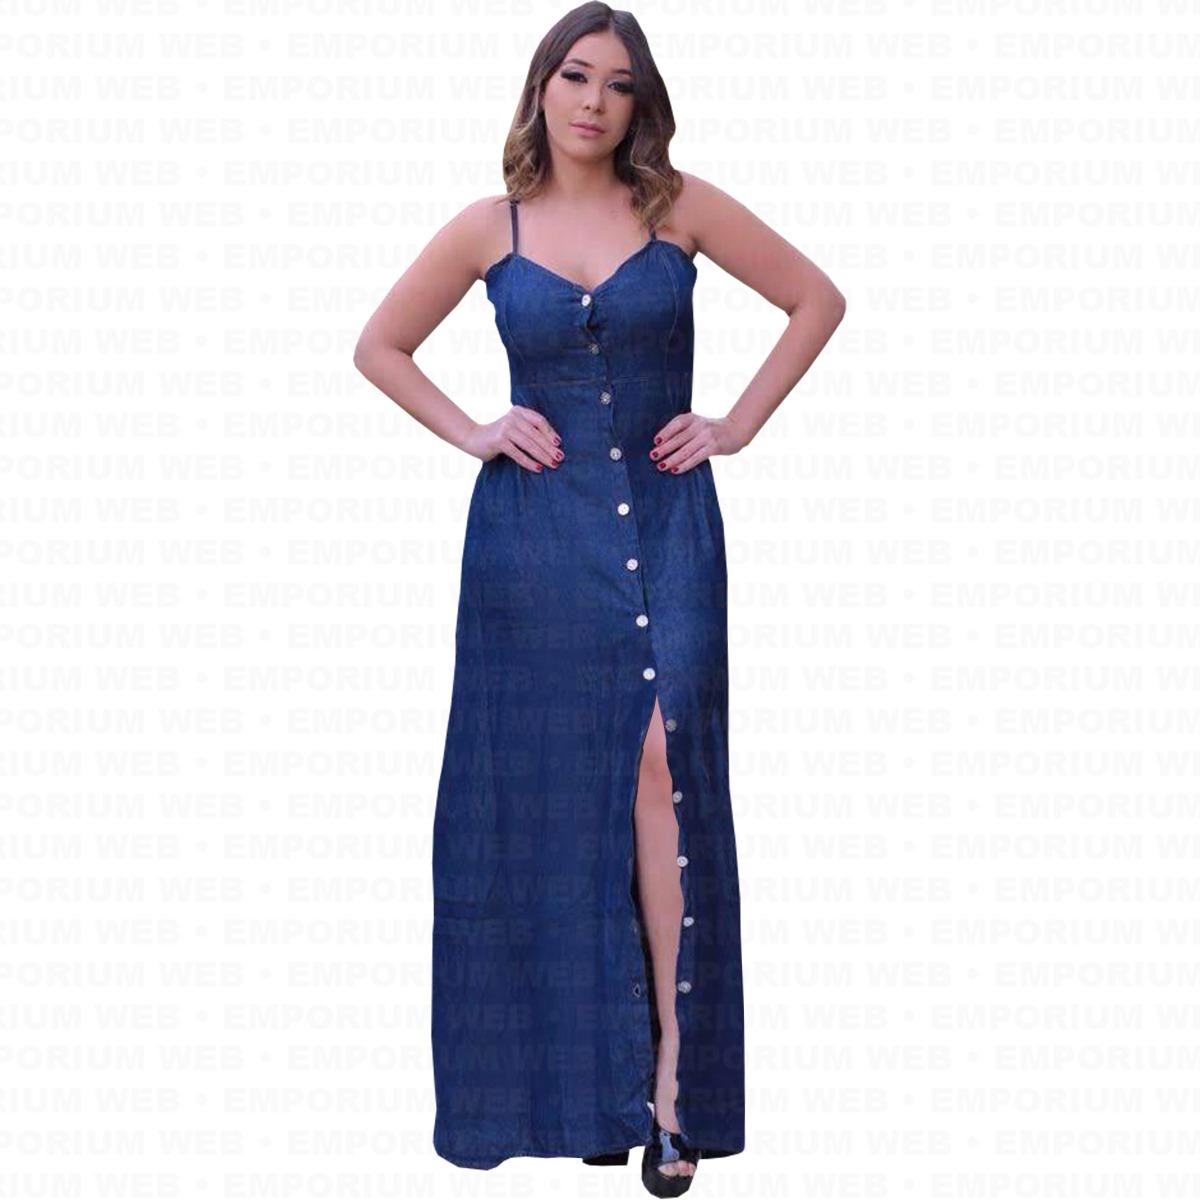 eb63df26a Vestido Feminino Jeans Longo Alcinha Tendência Moda Momento - R$ 120 ...